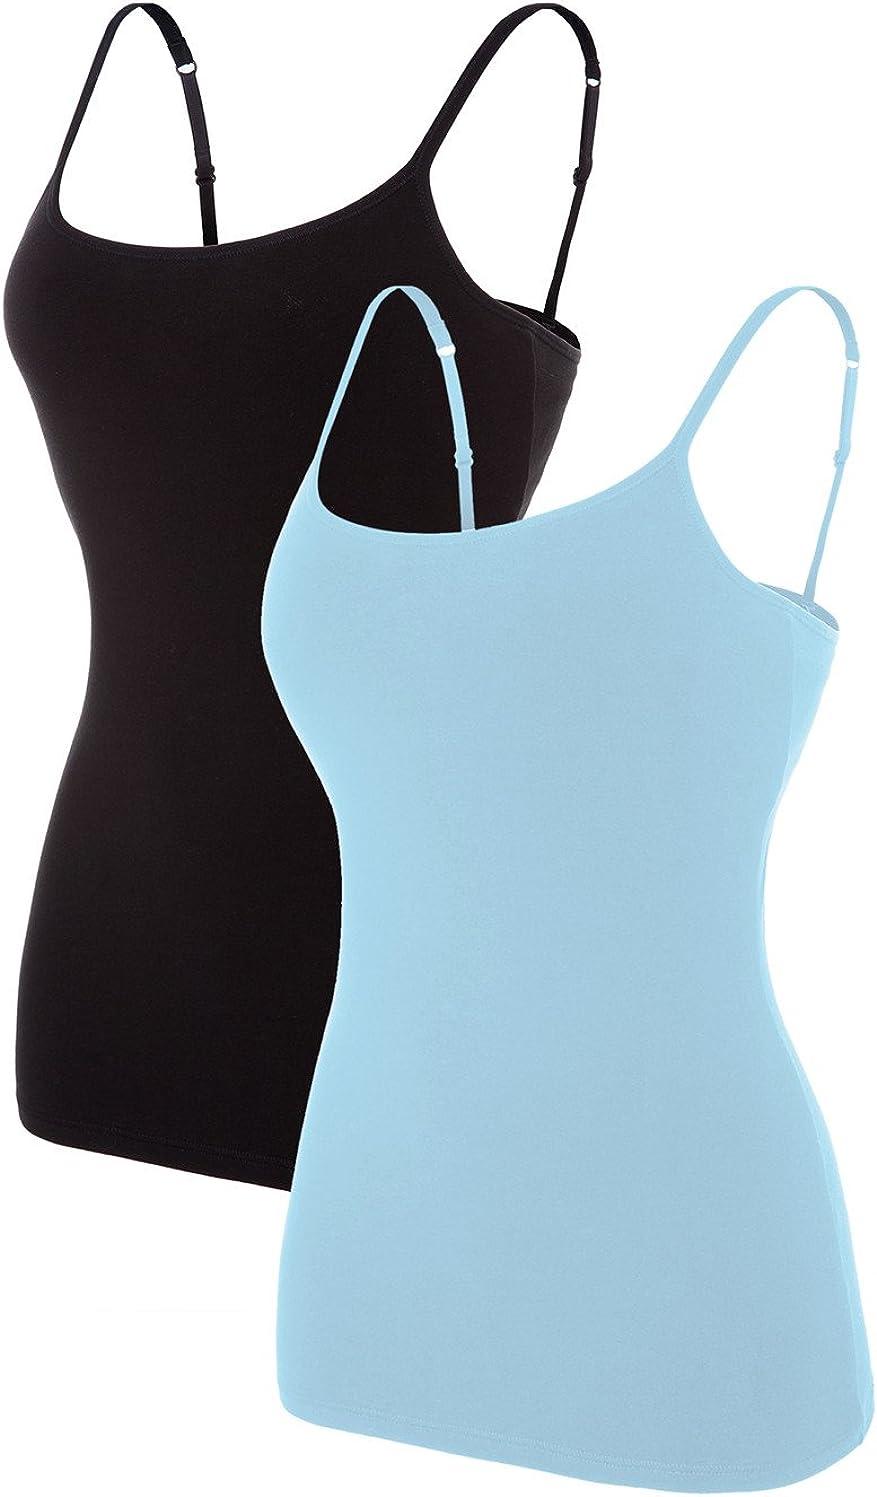 ATTRACO Women's Cotton Camisole Shelf Straps Bargain sale Spaghetti Bra Sale special price Tank